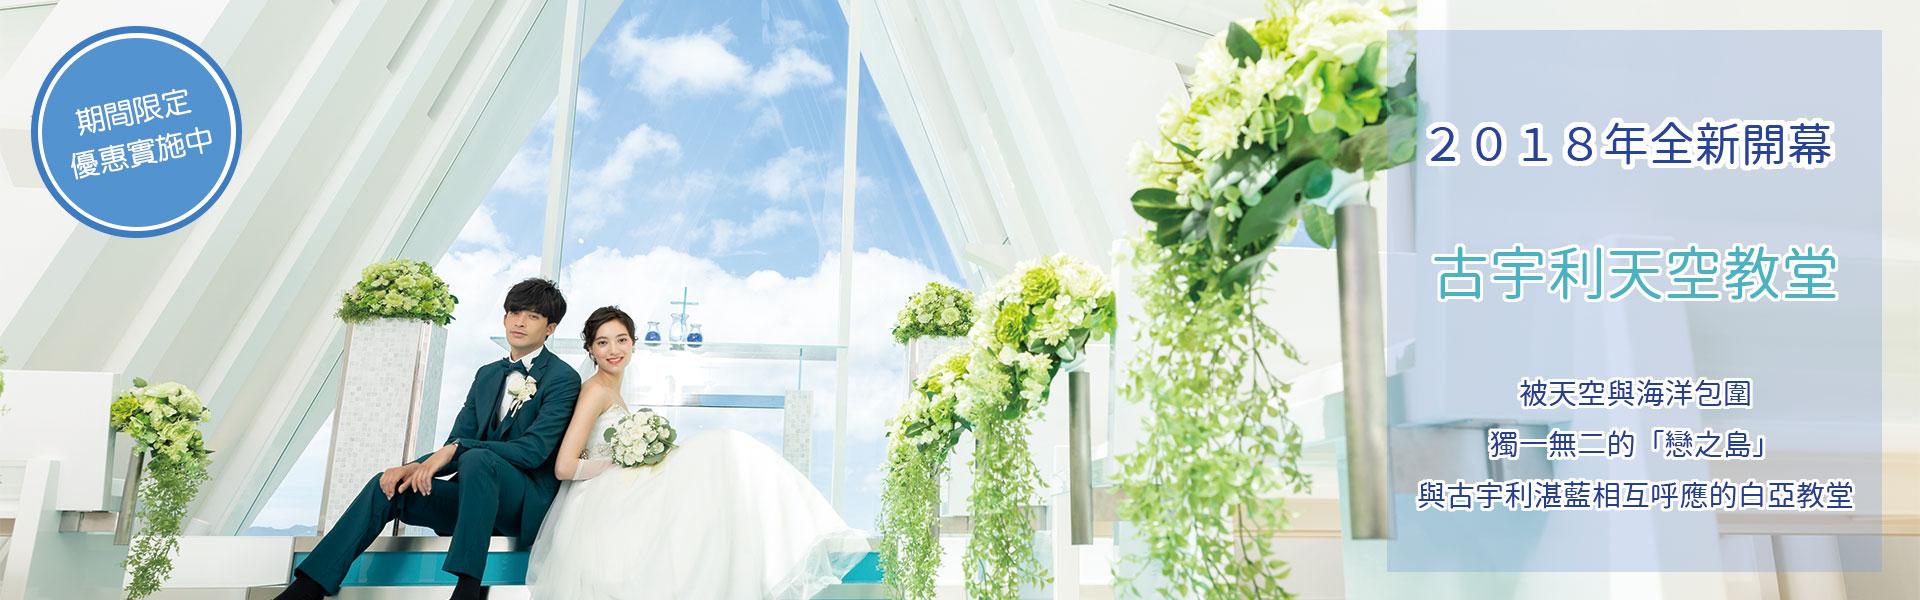 沖繩婚禮~天空教堂